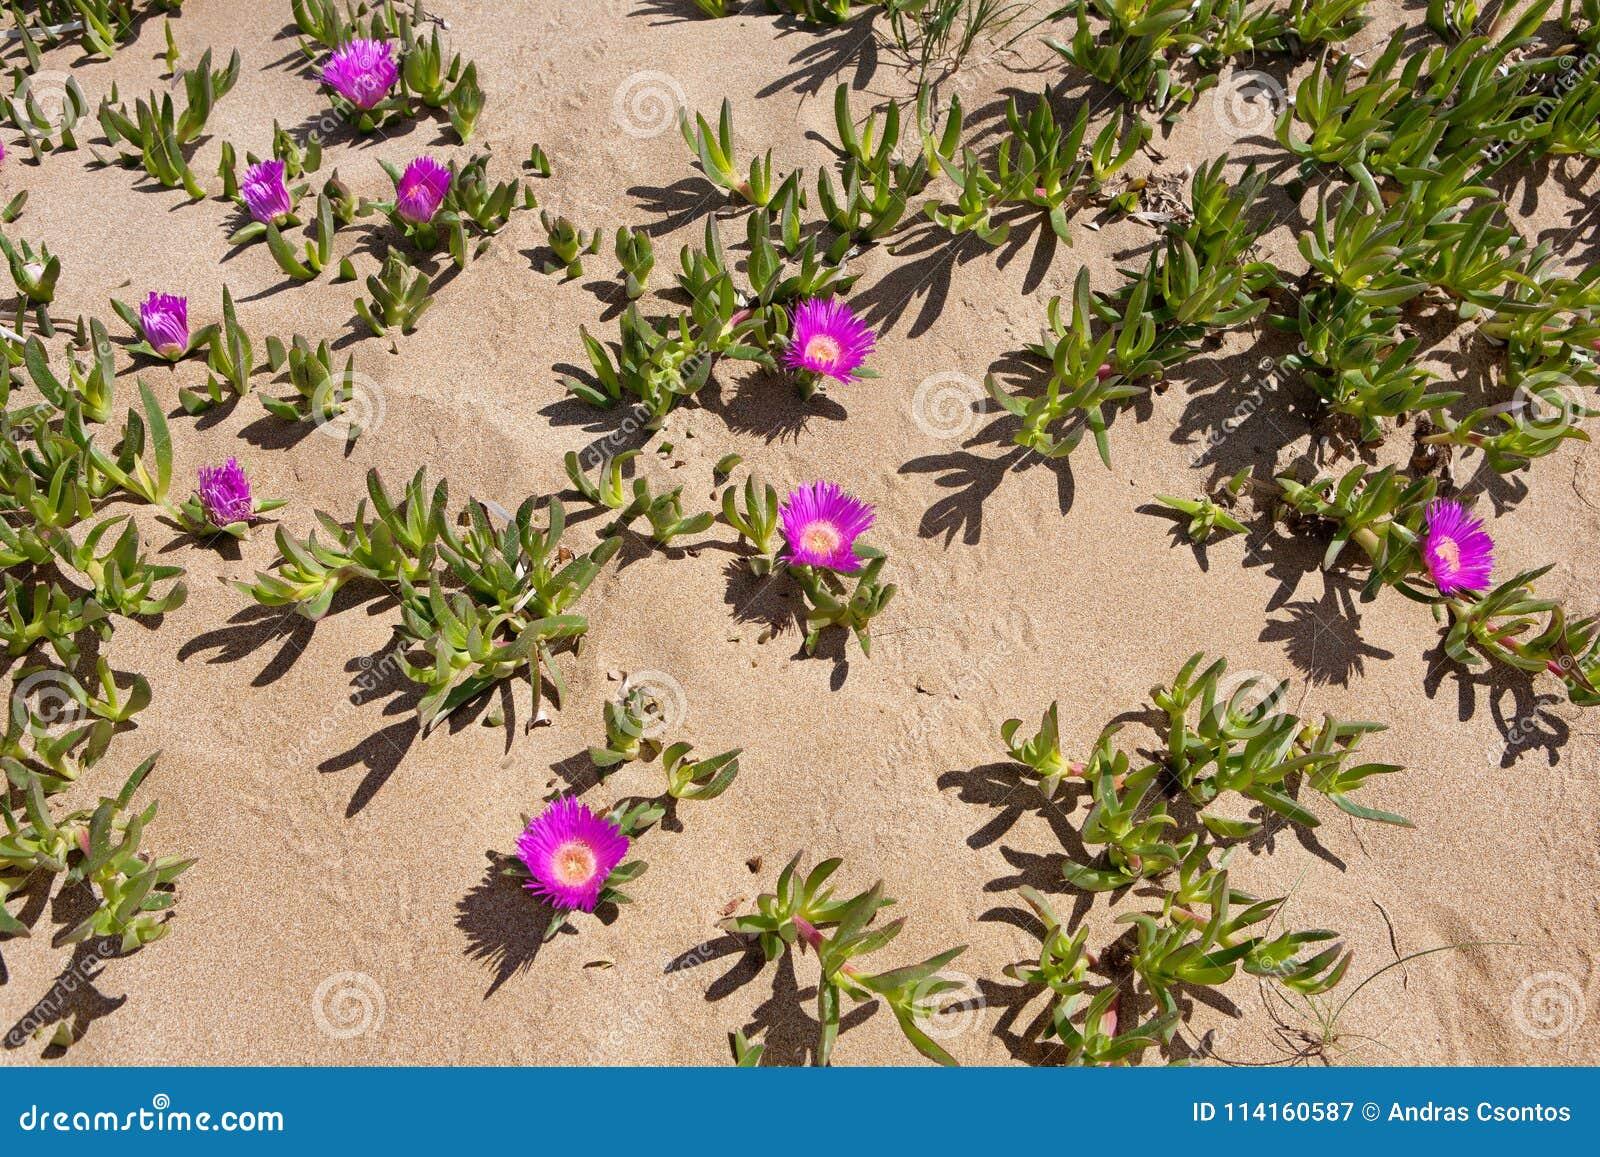 Rote hottentottische Feigen - Blumen von der Wüste von See Korission